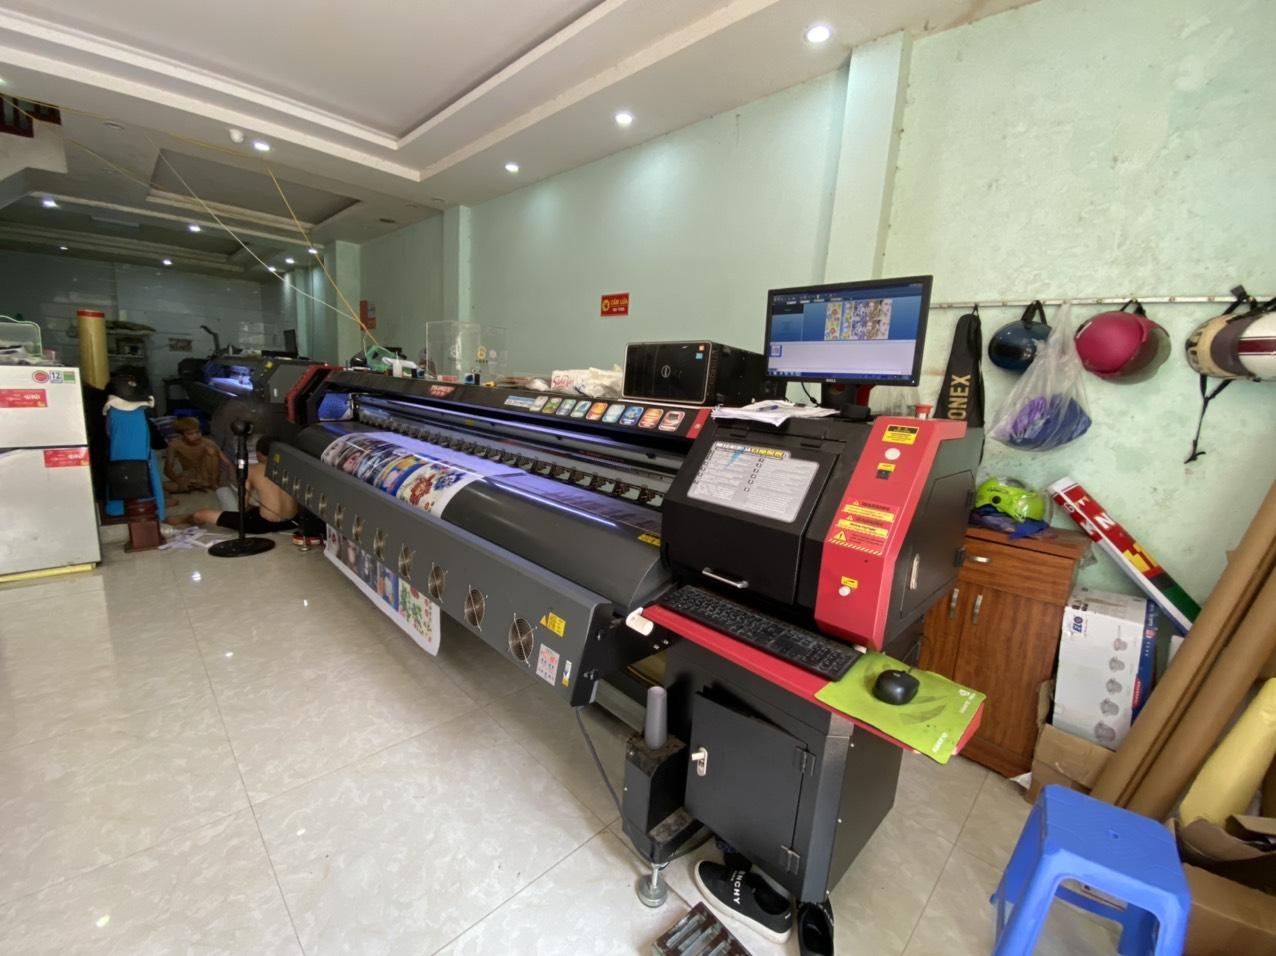 Lắp đặt máy in bạt khổ lớn 3m2 Taimes T5S cho Công ty quảng cáo Thái Bình Dương tại Hà Nội